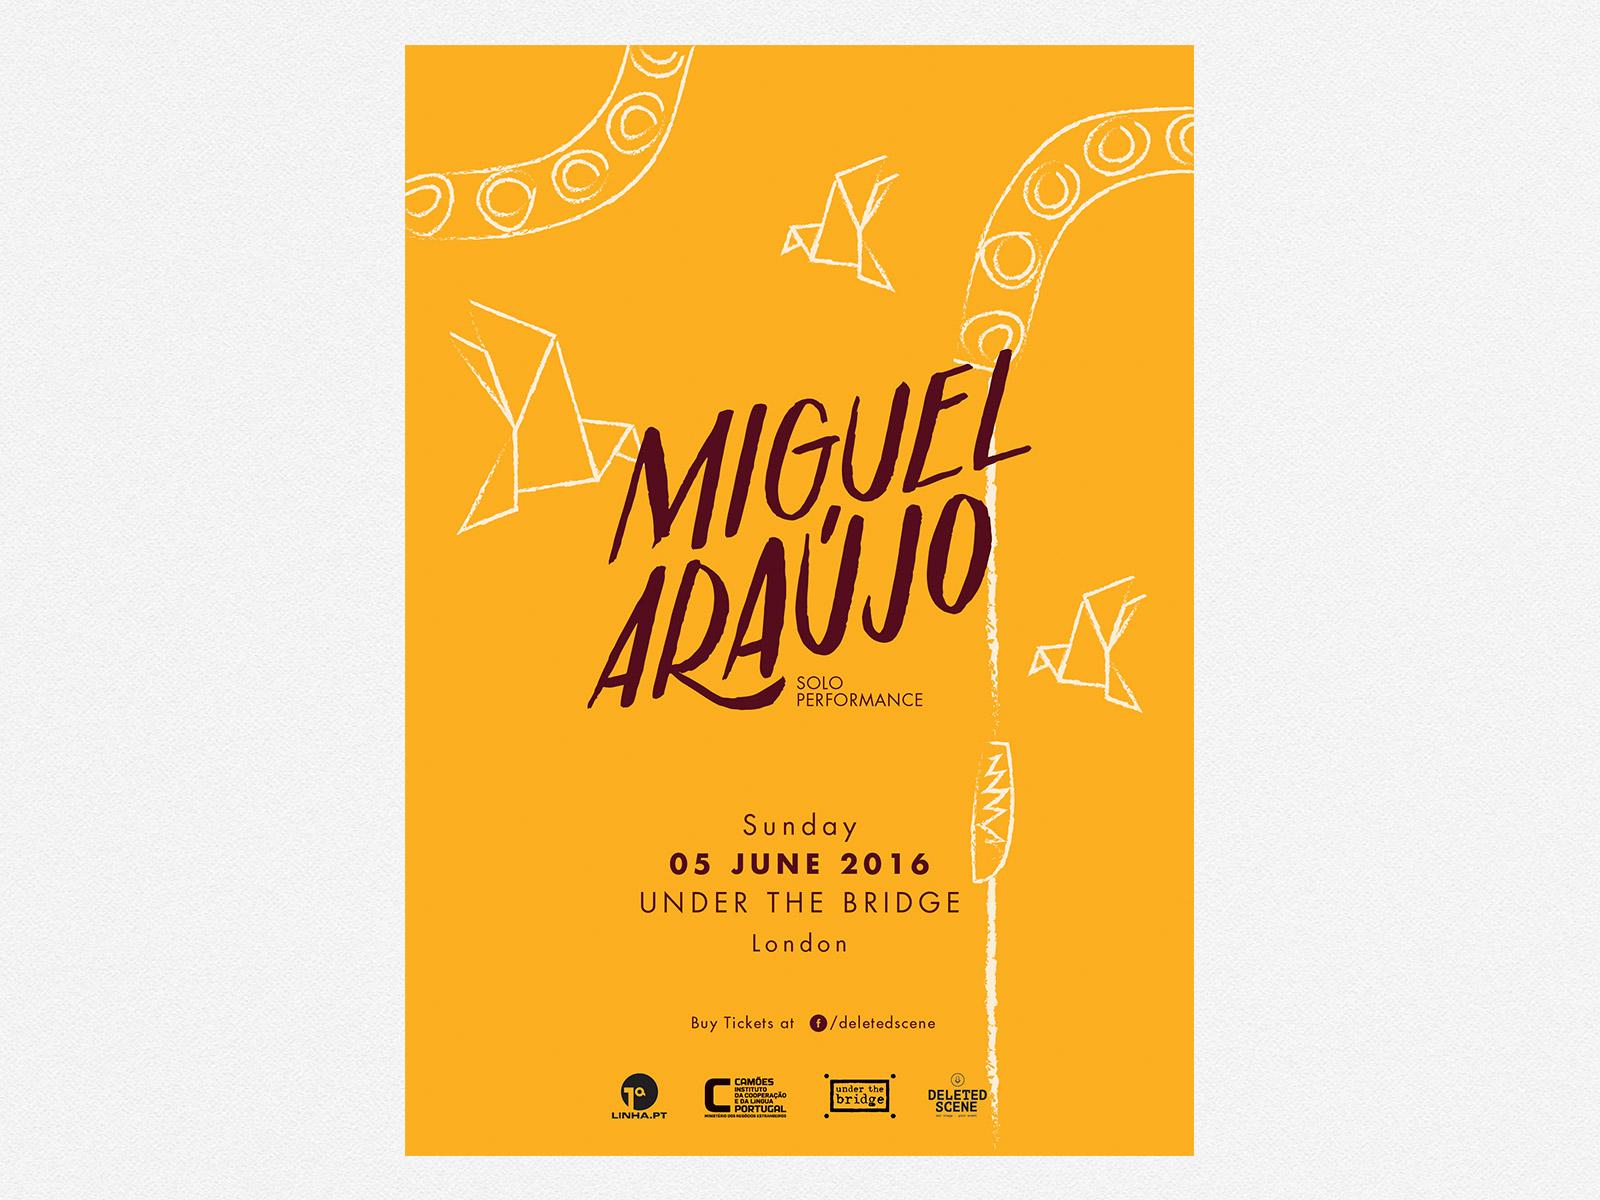 MIGUEL ARAÚJO  - 5